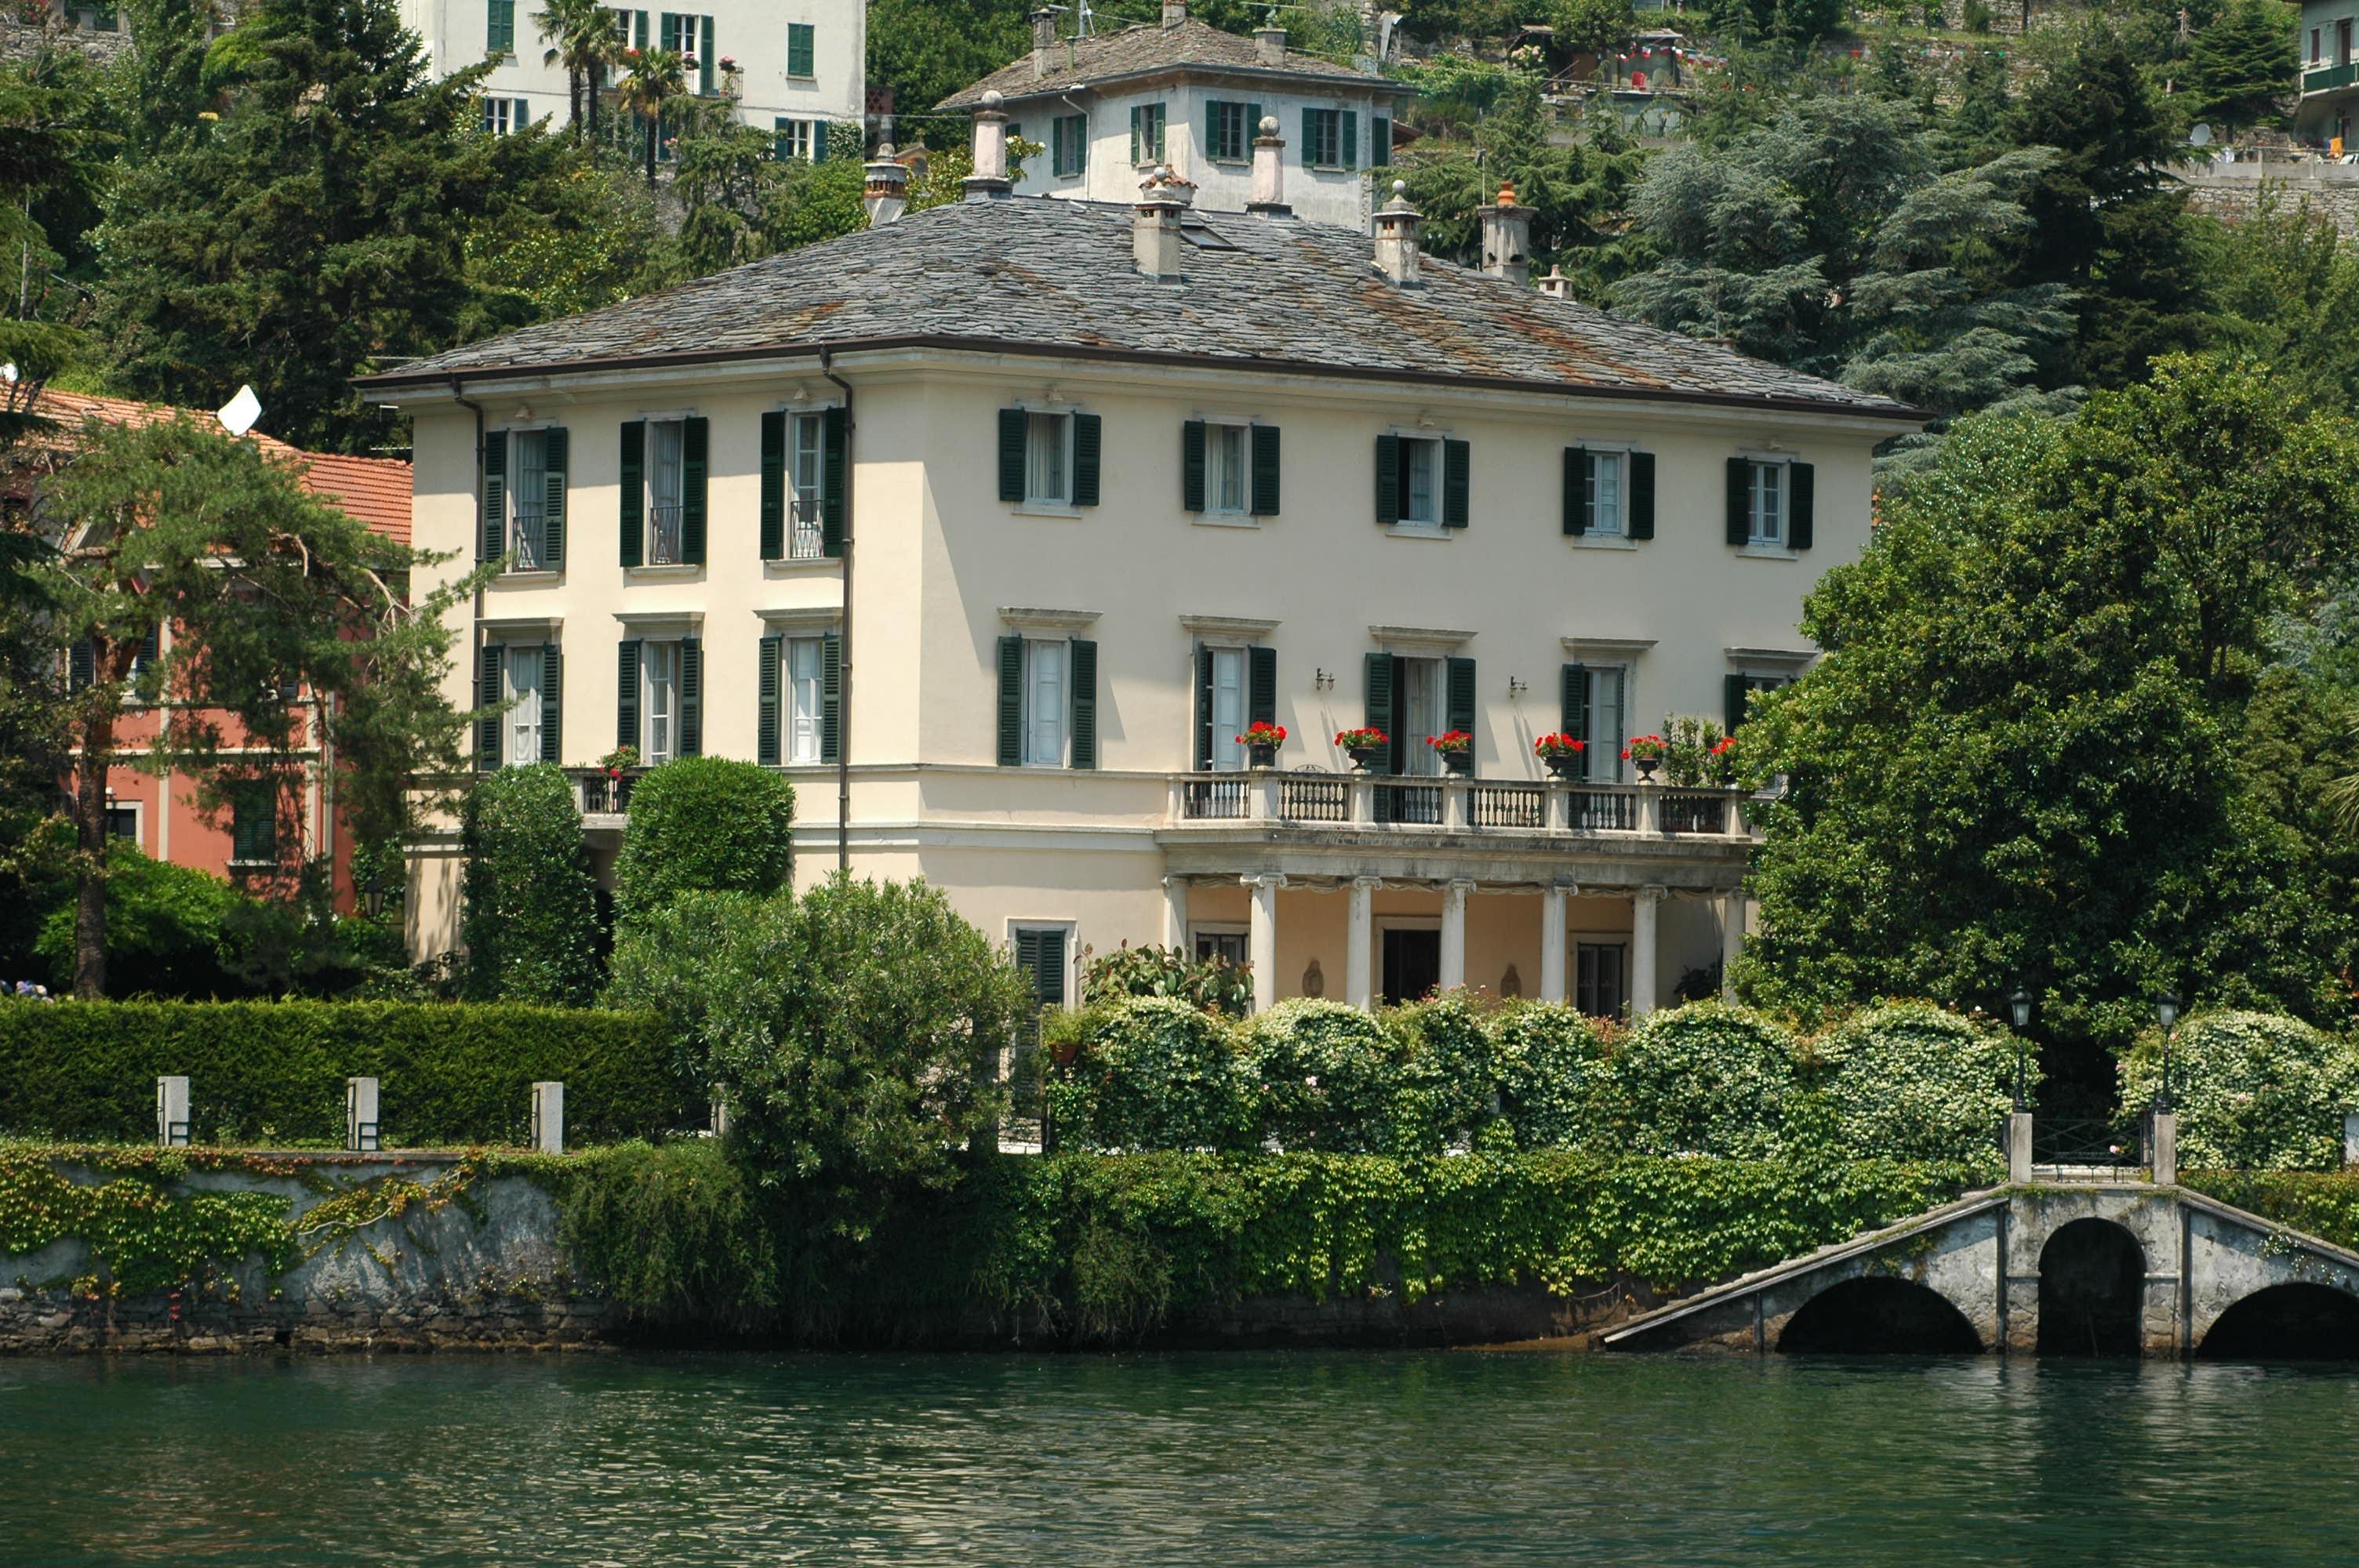 Villa Oleandra - a casa de George Clooney em Laglio, no Lago di Como, Itália